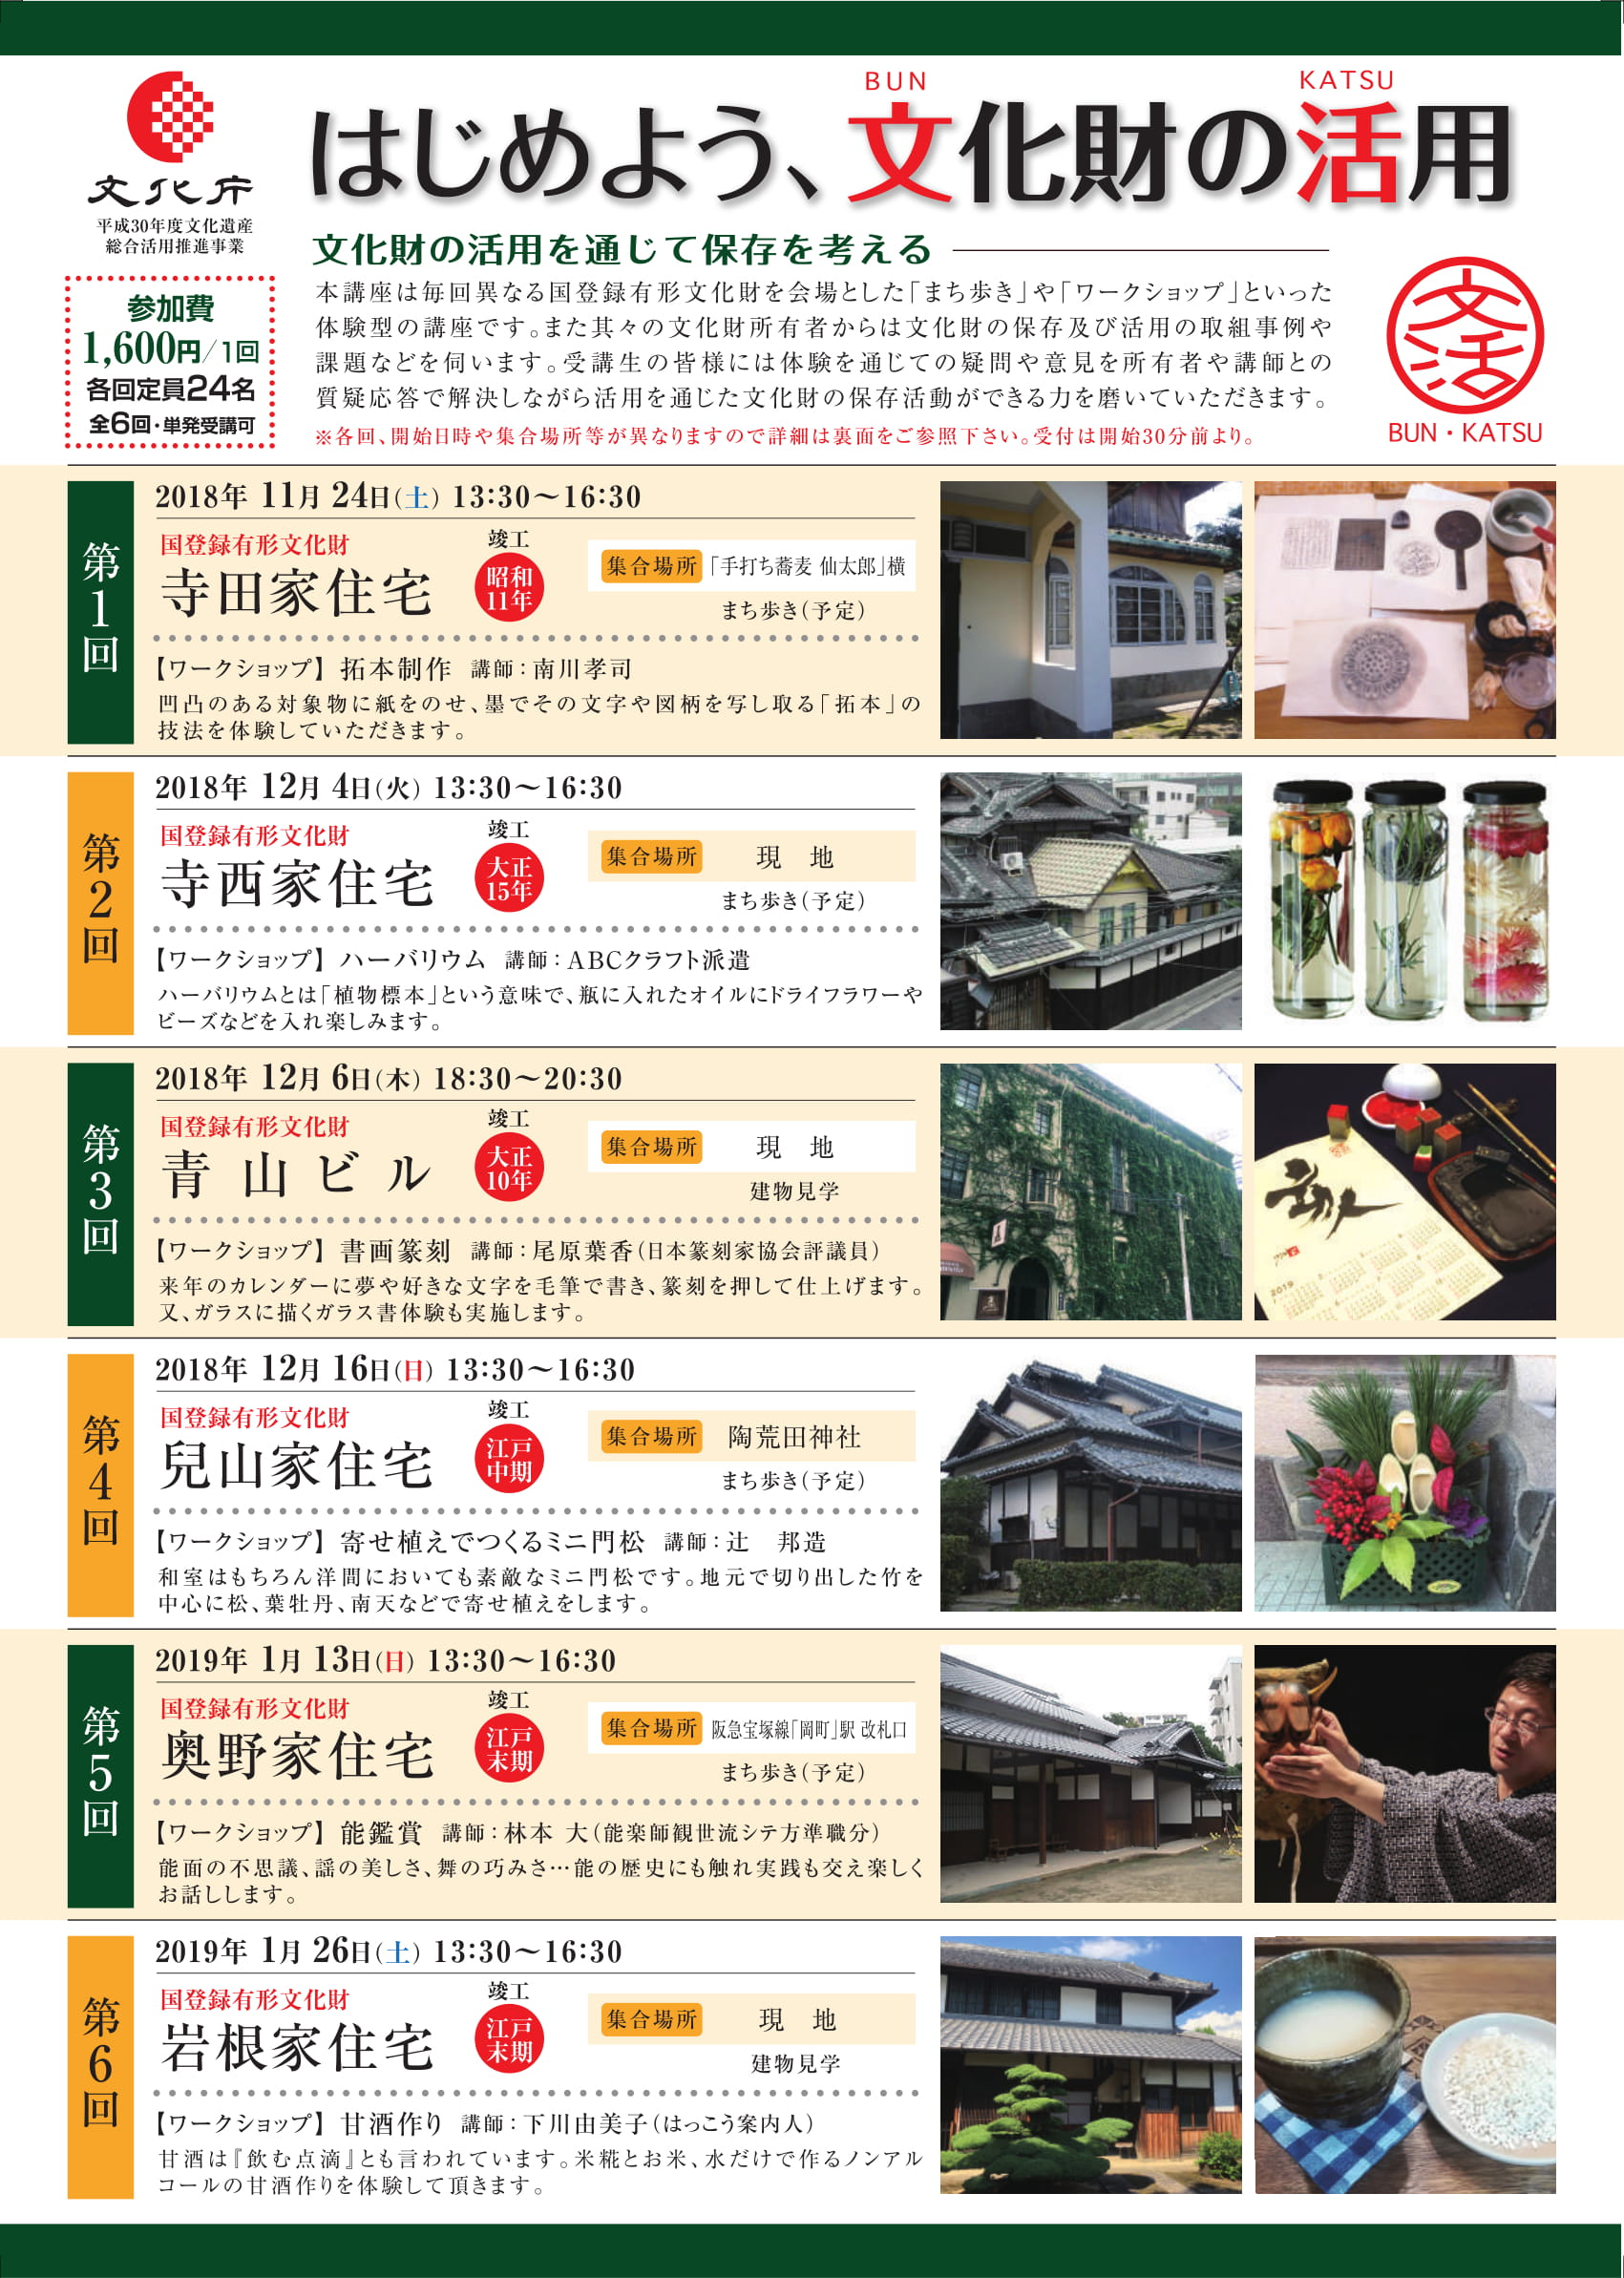 「はじめよう、文化財の活用(BUNKATSU)~文化財の活用を通じて保存を考える」11月24日(土)